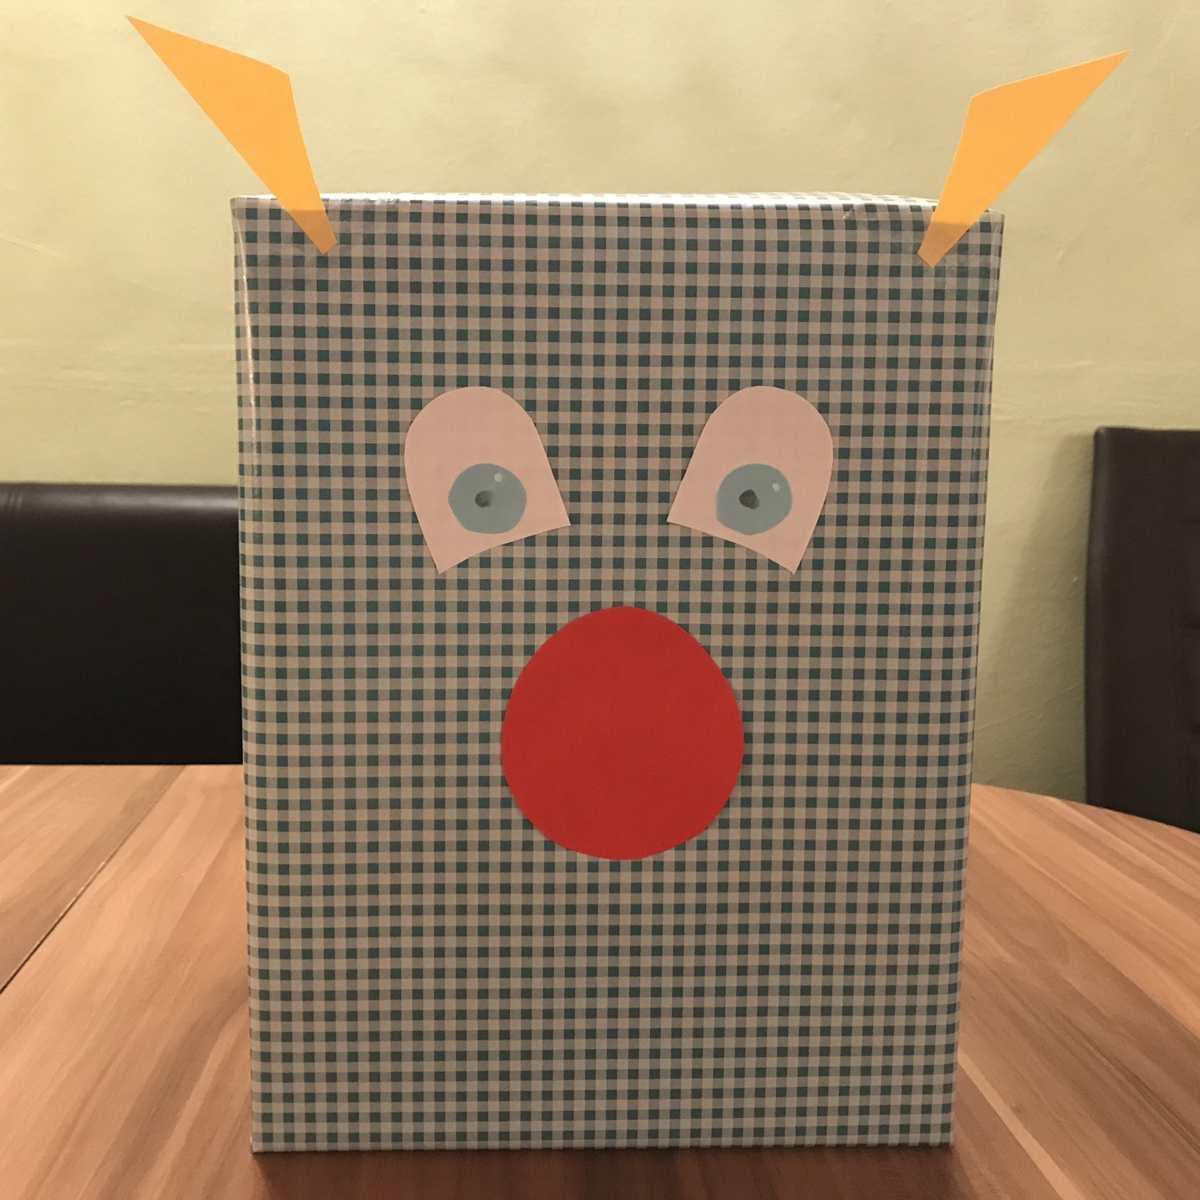 Das bringt der Weihnachtsmann – Weihnachtsgeschenke 2017